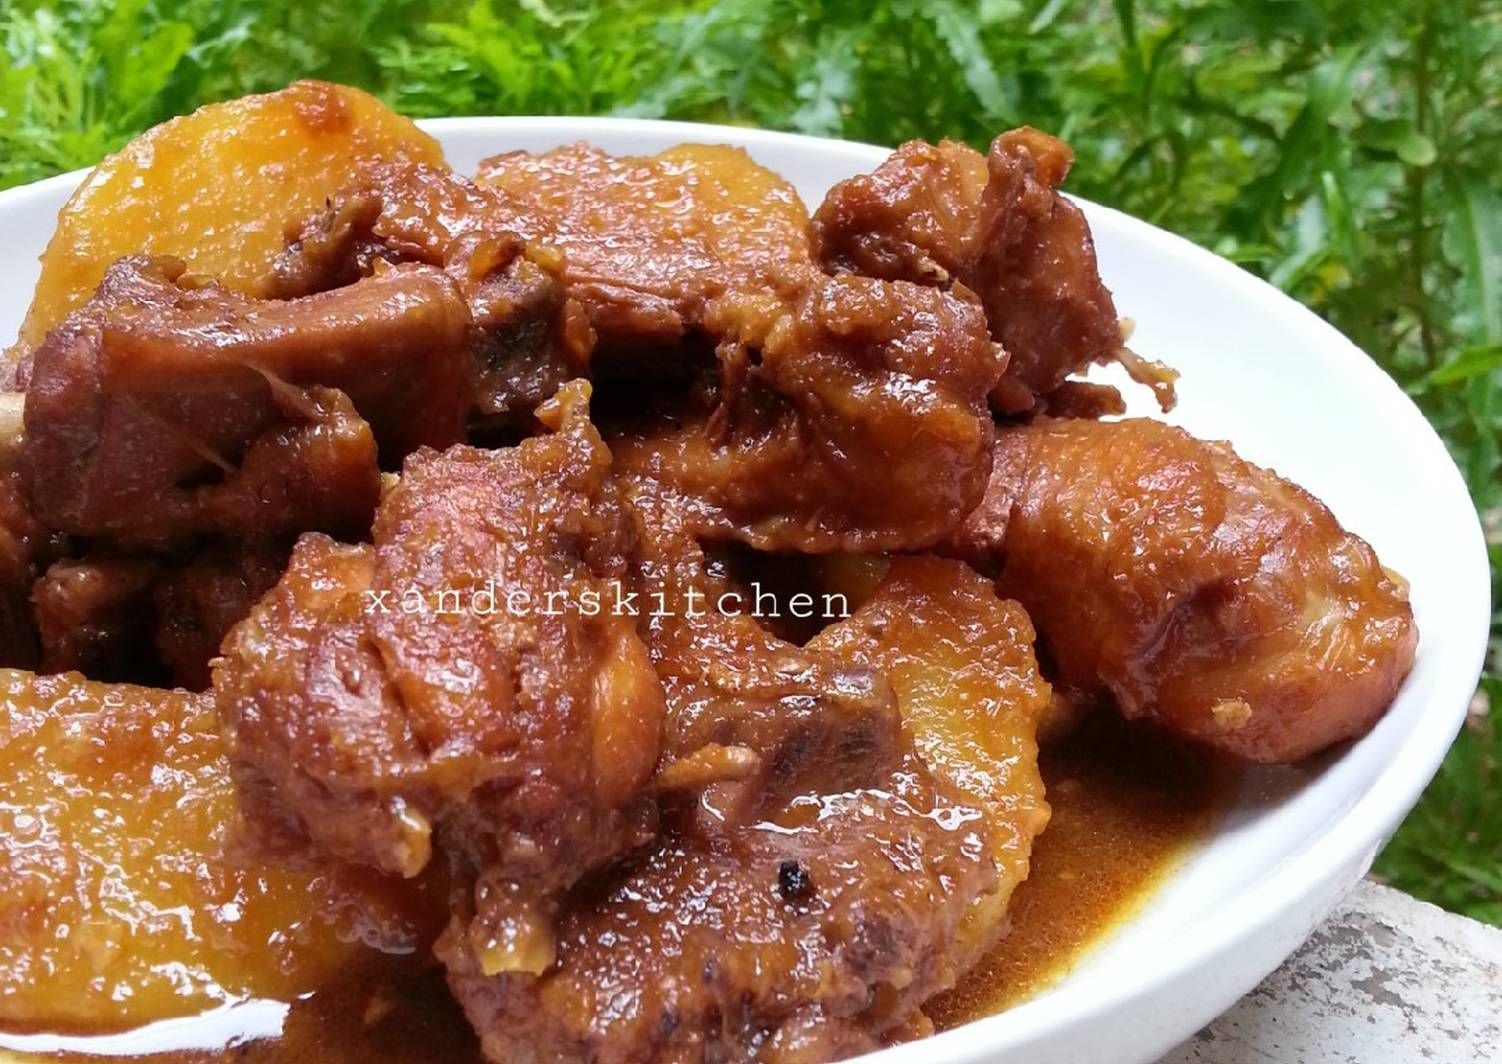 Resep Semur Ayam Kentang Oleh Xander S Kitchen Resep Makanan Resep Makanan Kentang